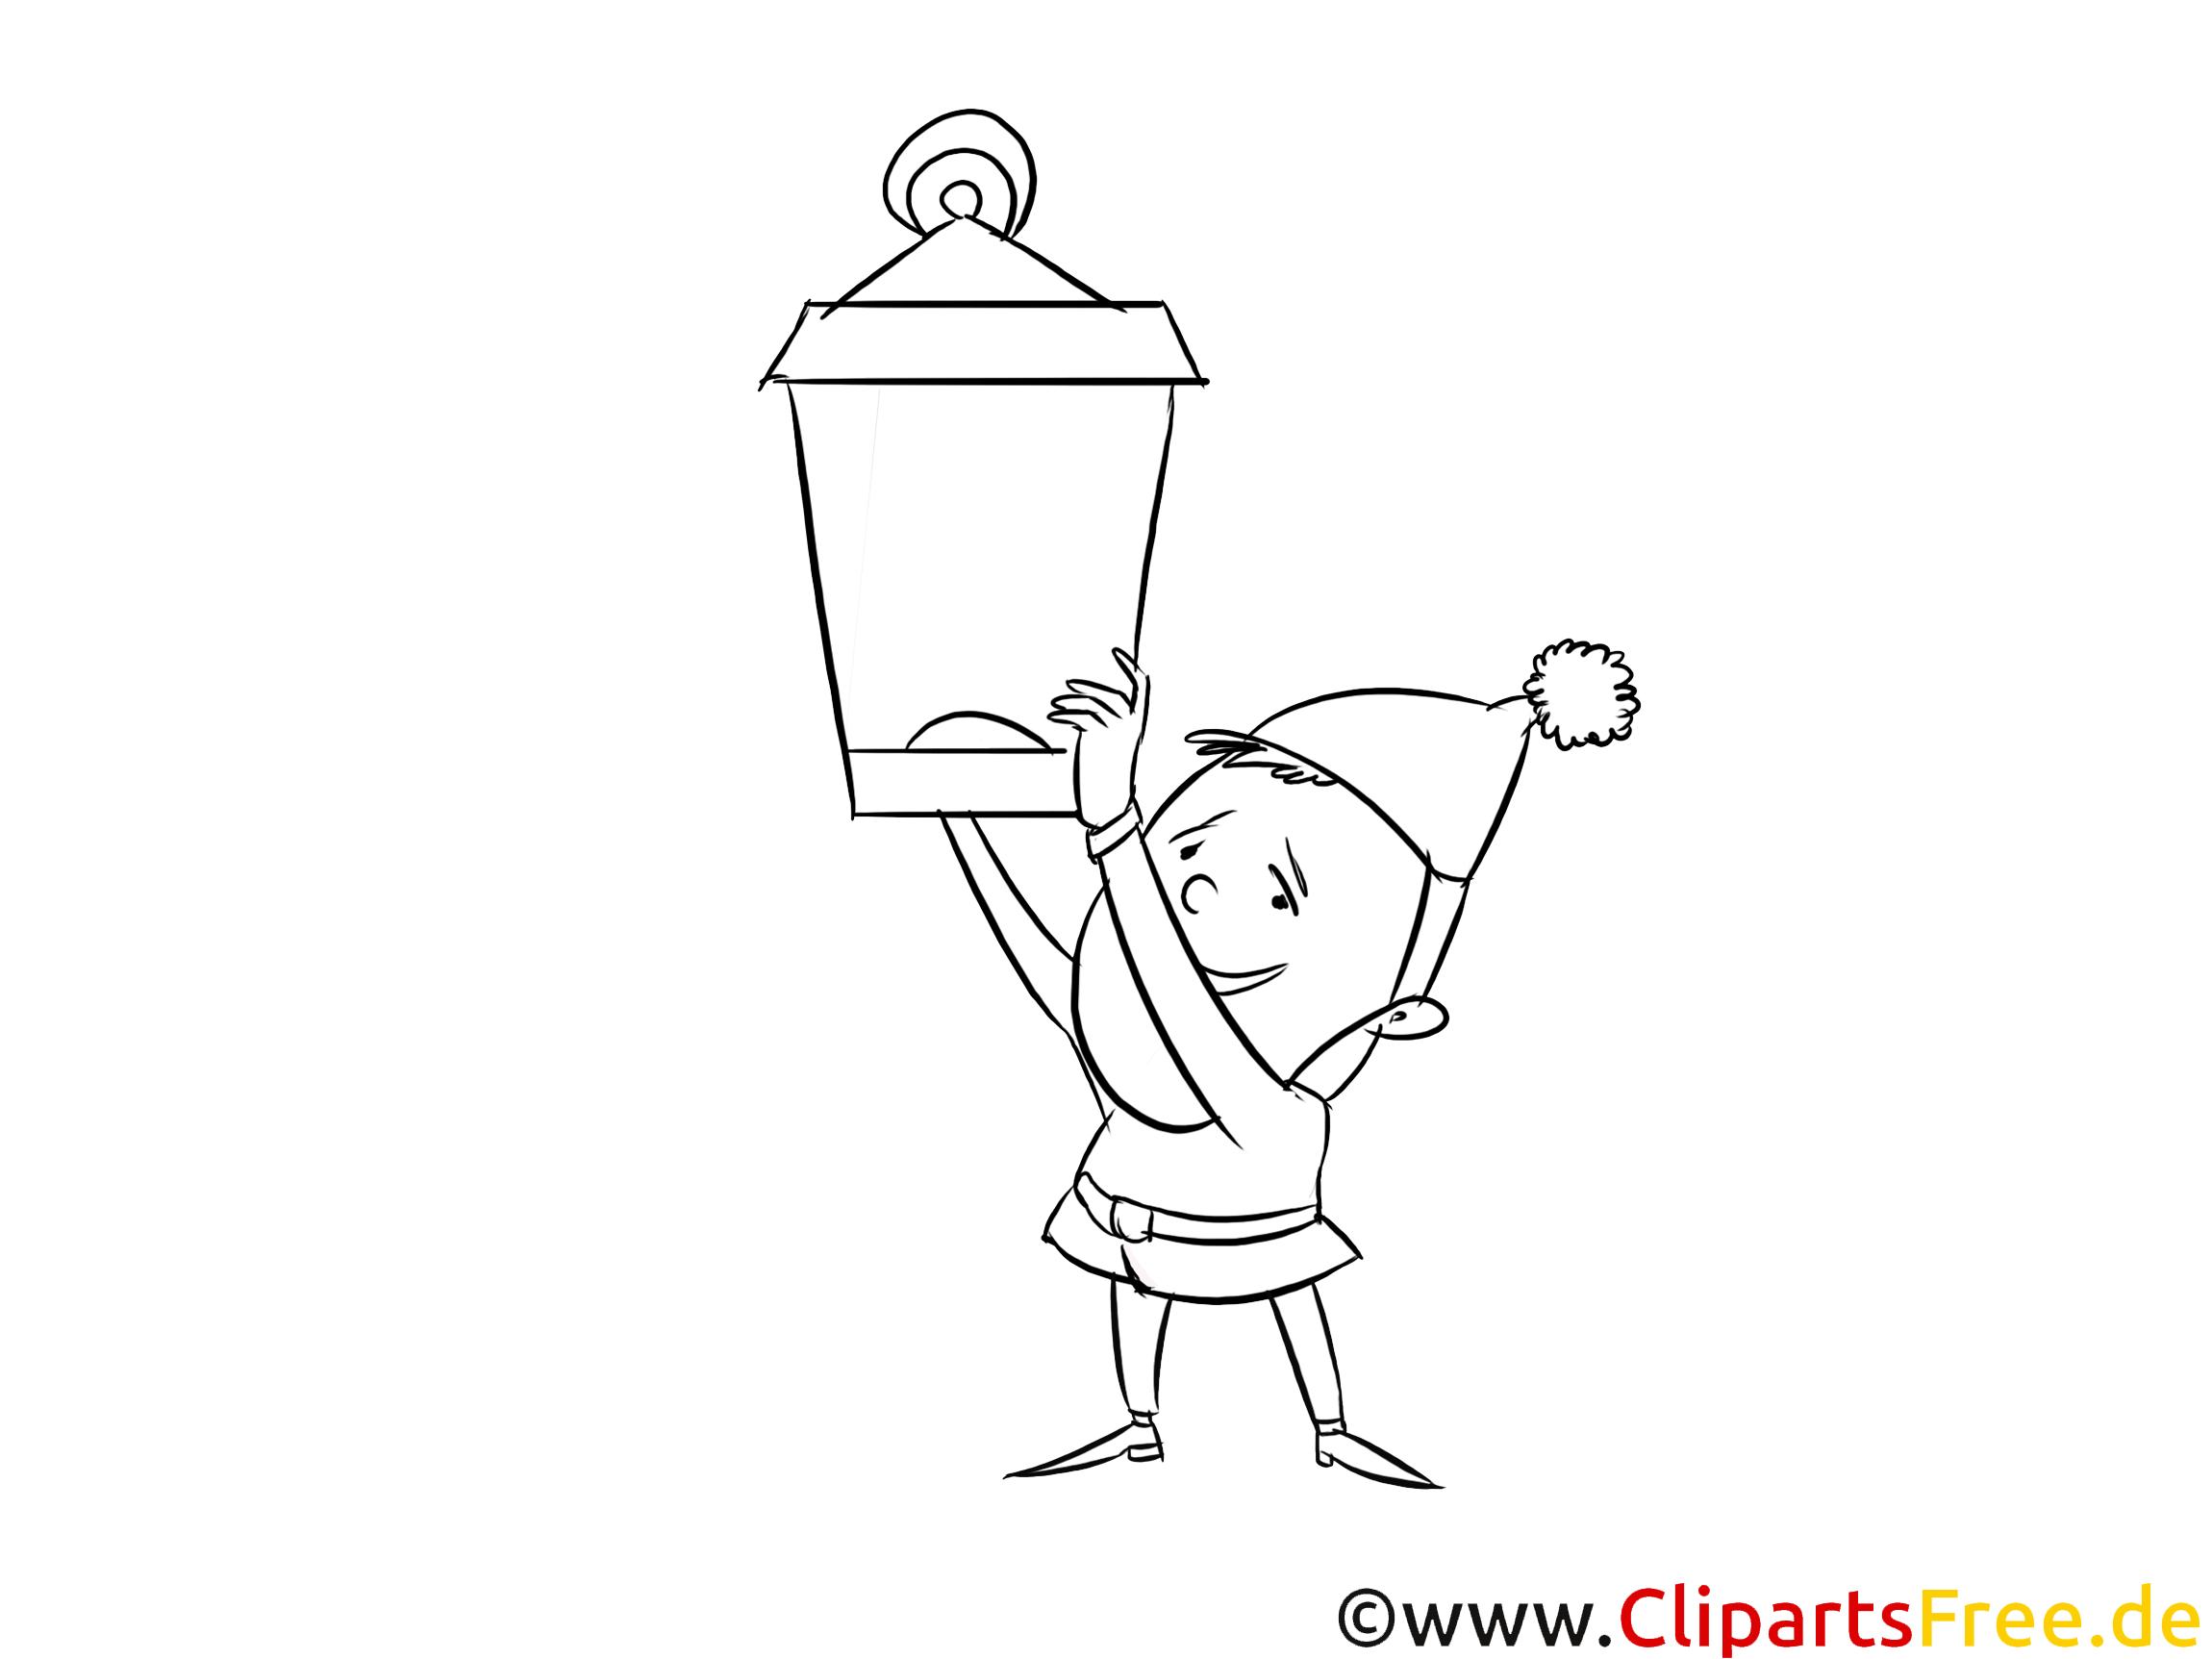 Großzügig Lebenslauf Beispiel Für Sommercamp Berater Ideen ...